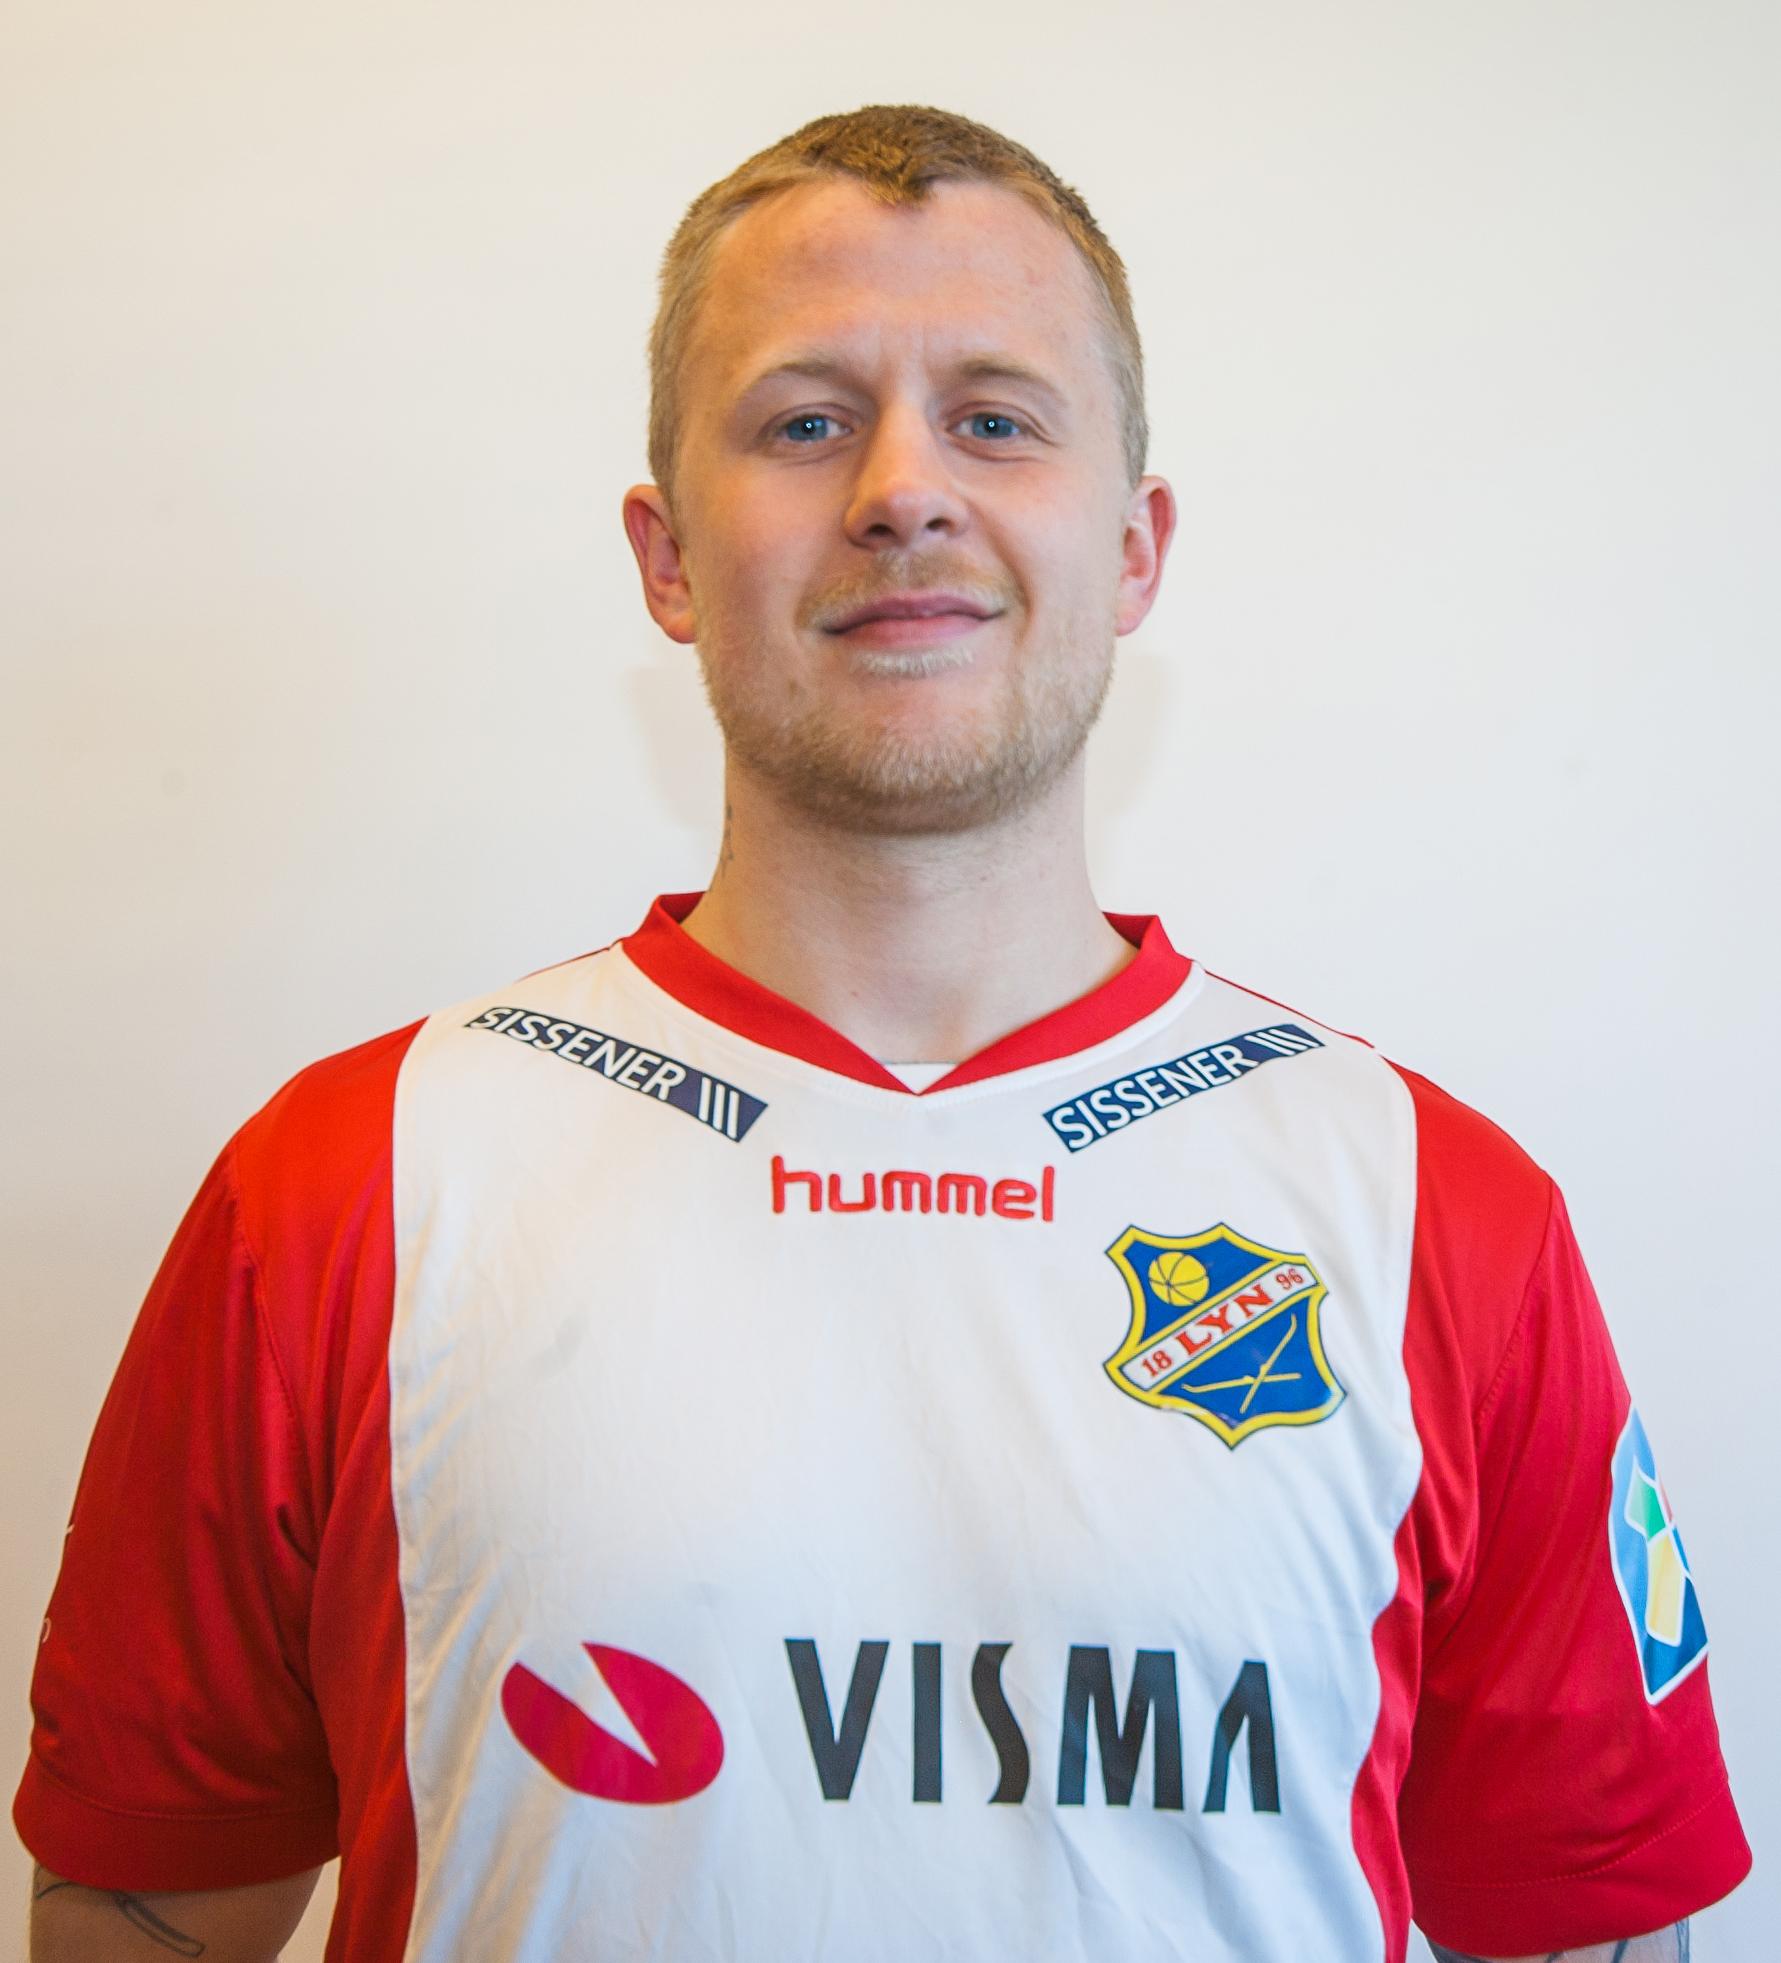 #8 - Posisjon: KantFødt: 05.01.91Fra: TromsøKom til Lyn: 2018Tidligere klubber: TUIL, Fløya, Senja, Kvik HaldenInstagram: @fredrikallertsenTwitter: @fredrikallerts